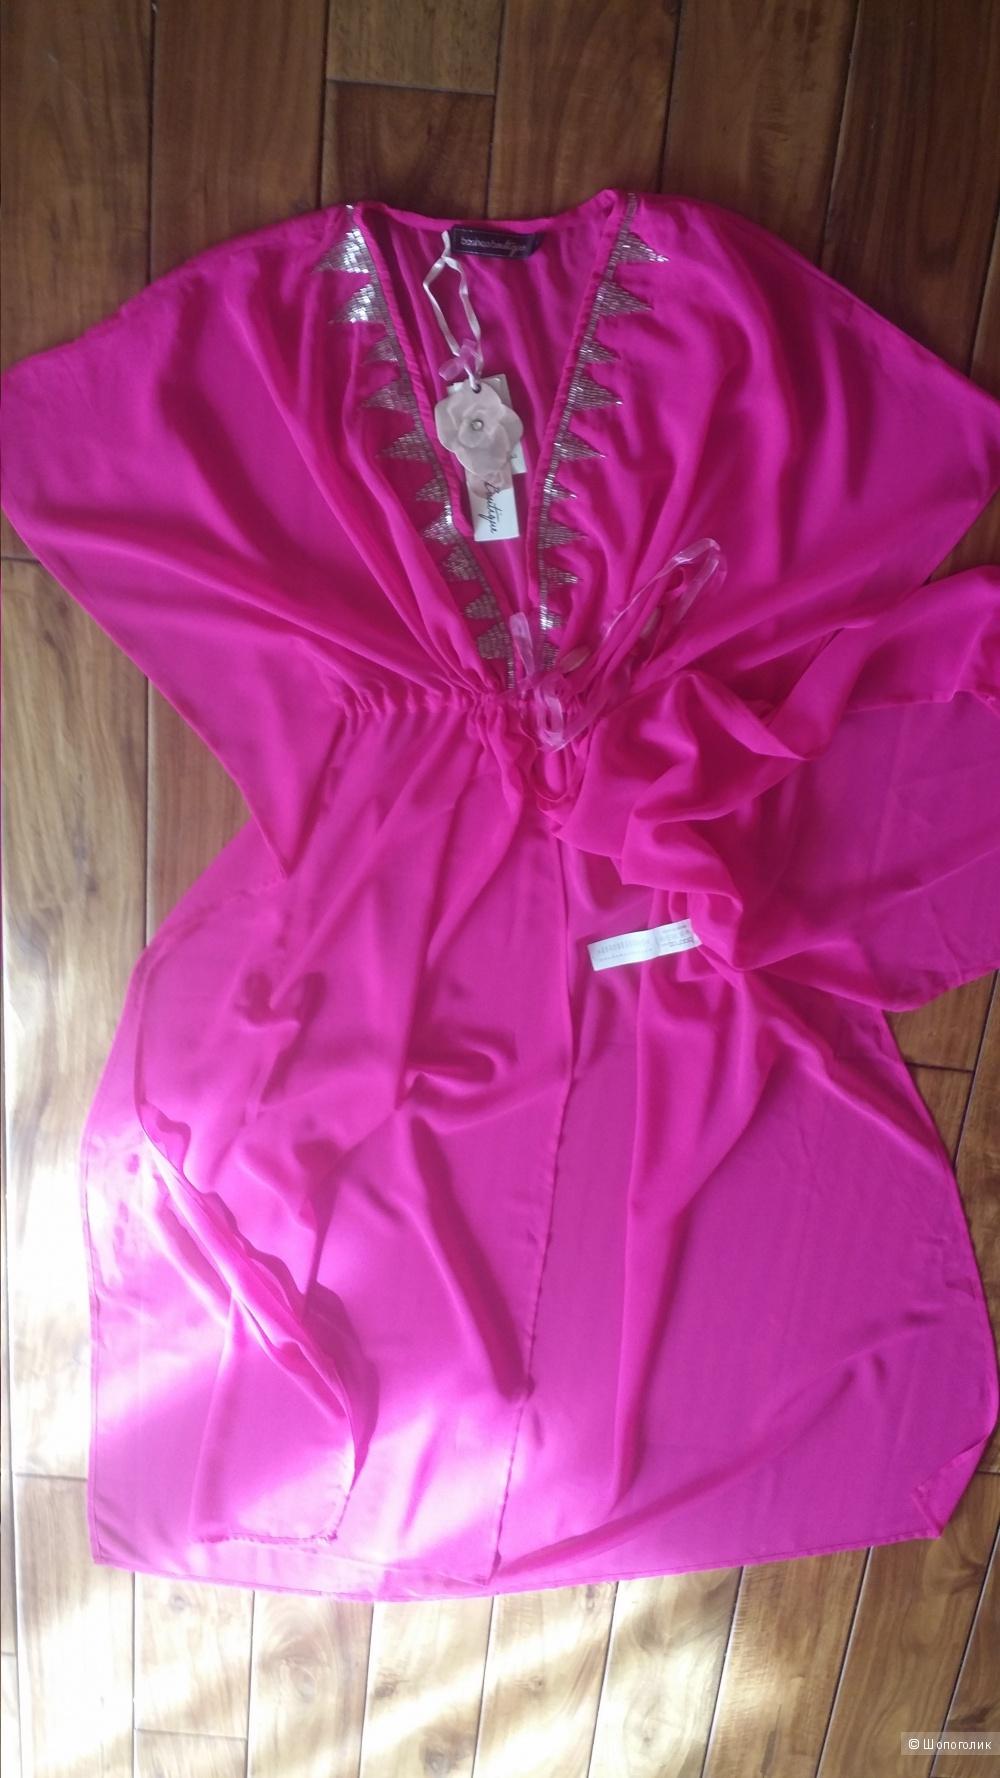 Пляжная туника-халат Boohoo boutique, цвет неоновая фуксия, S, реально до L